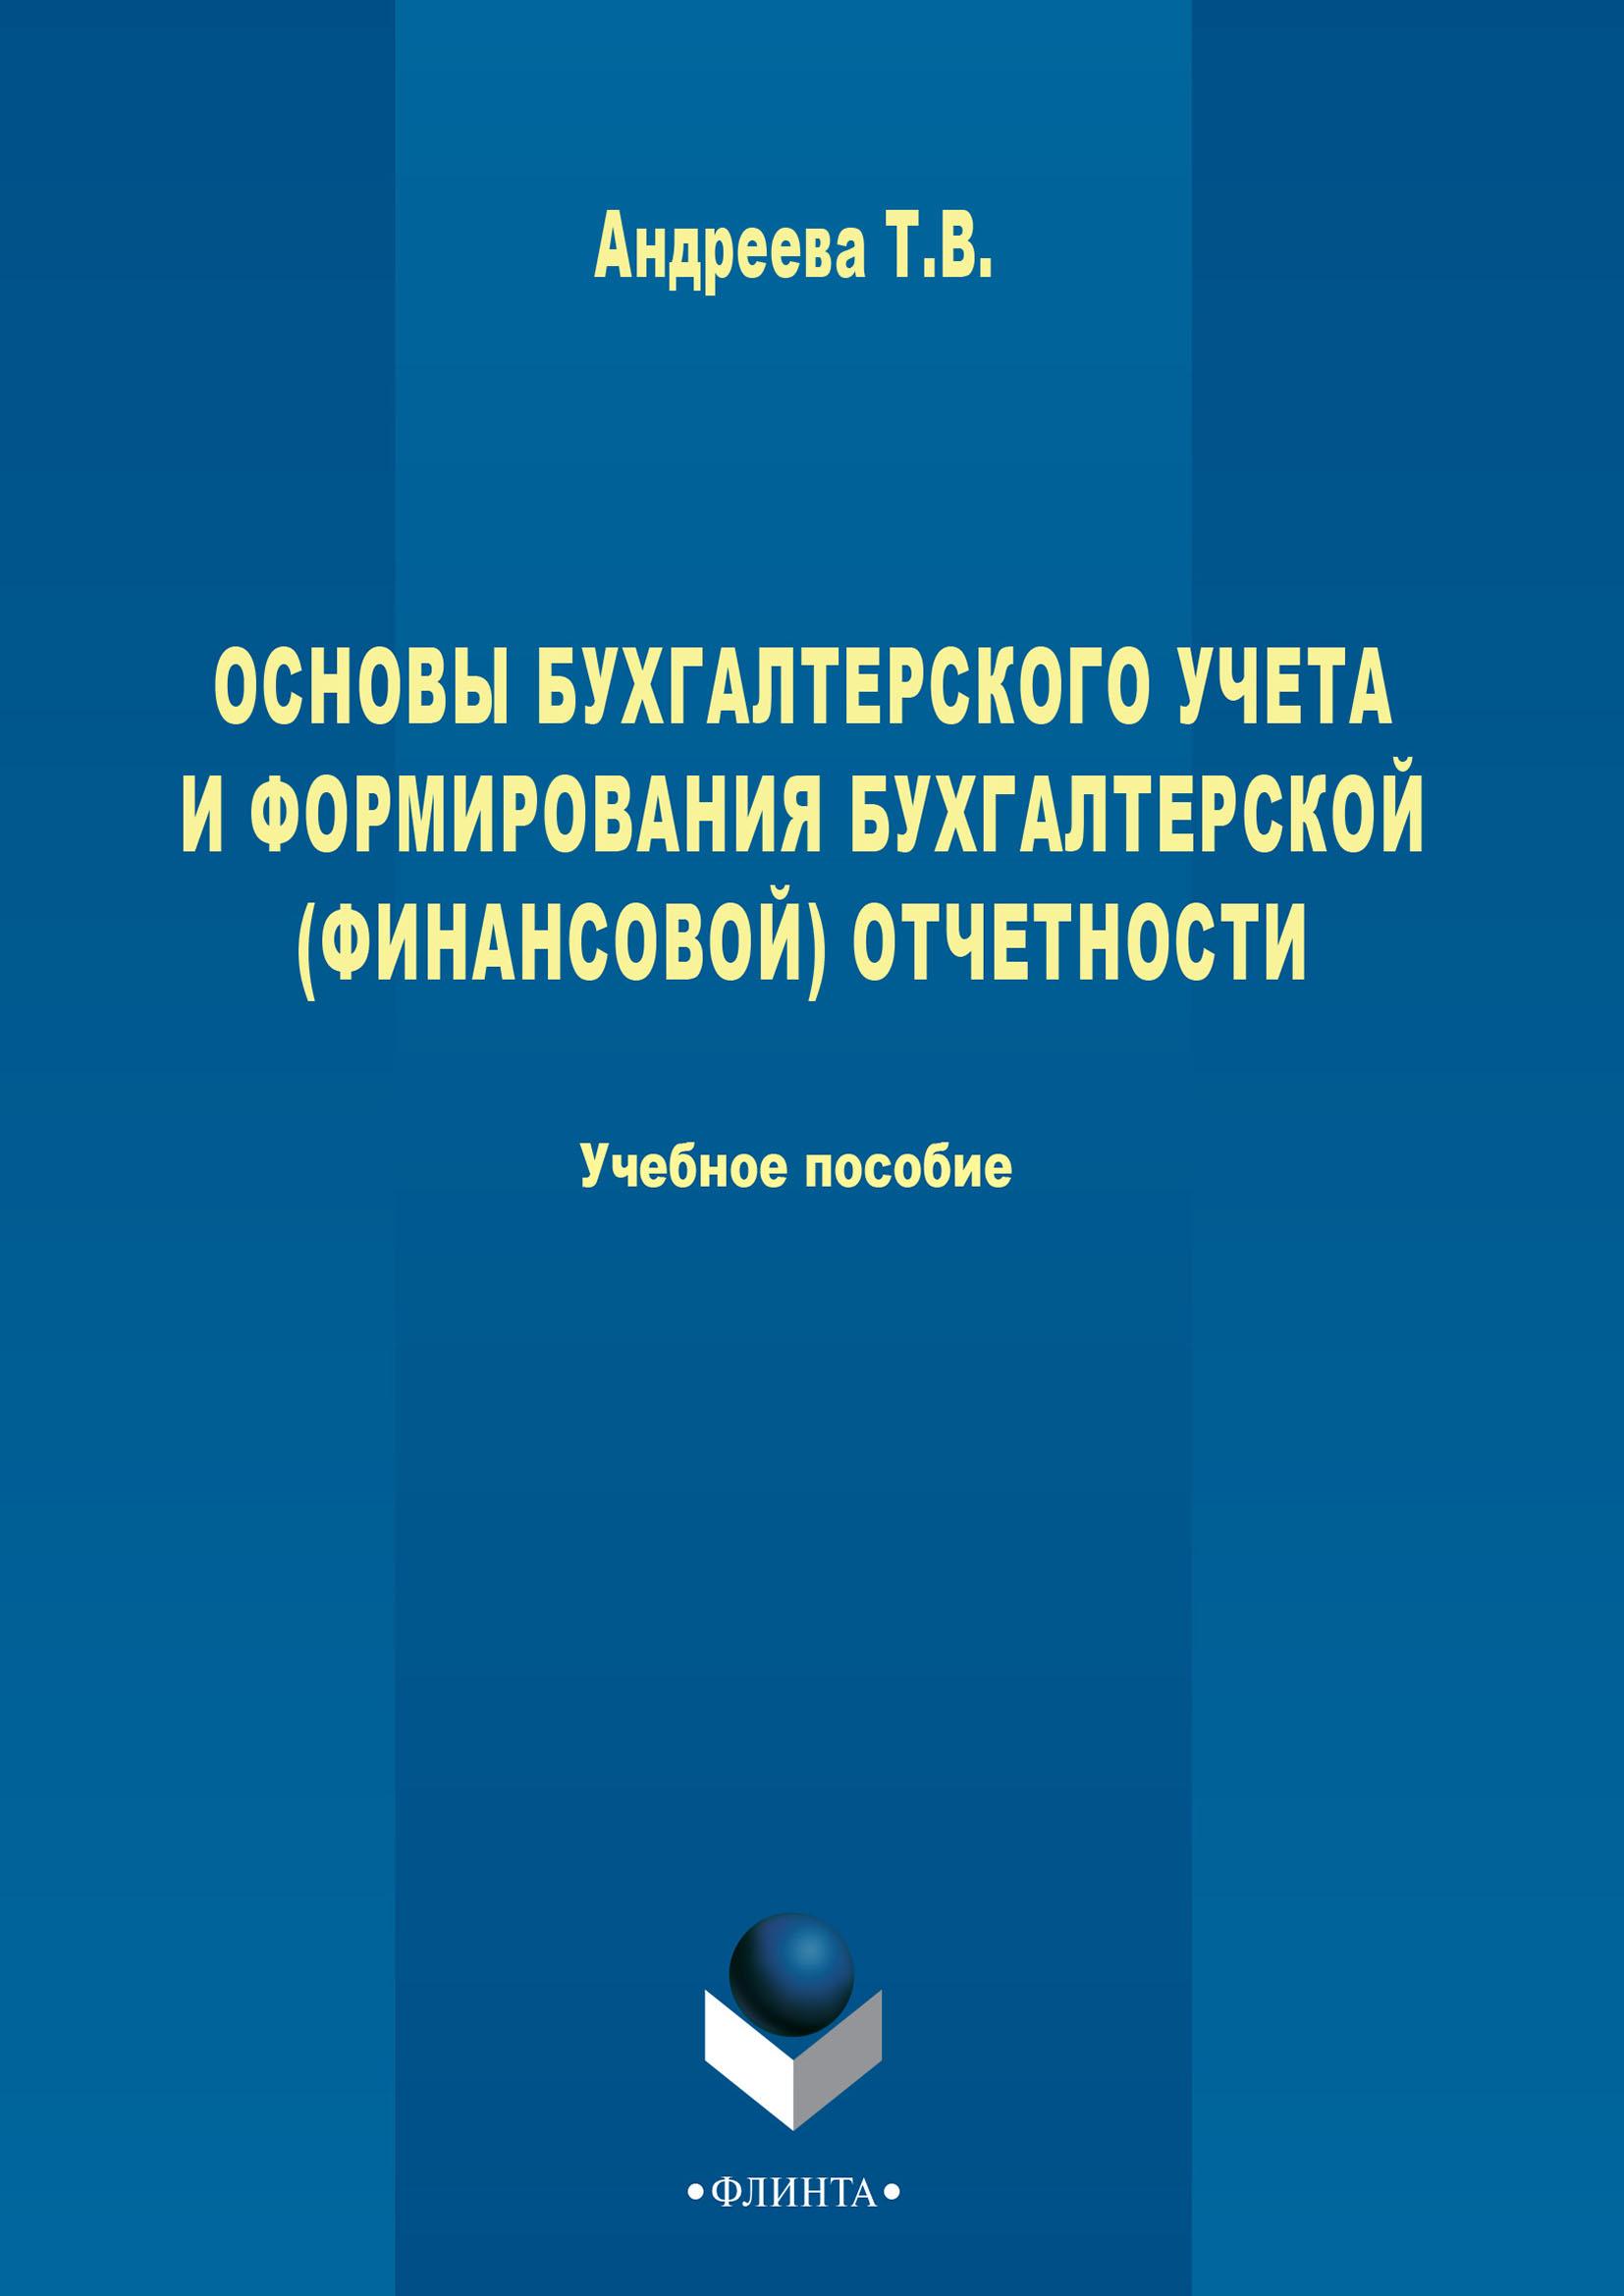 Основы бухгалтерского учета и формирования бухгалтерской (финансовой) отчетности ( Татьяна Андреева  )